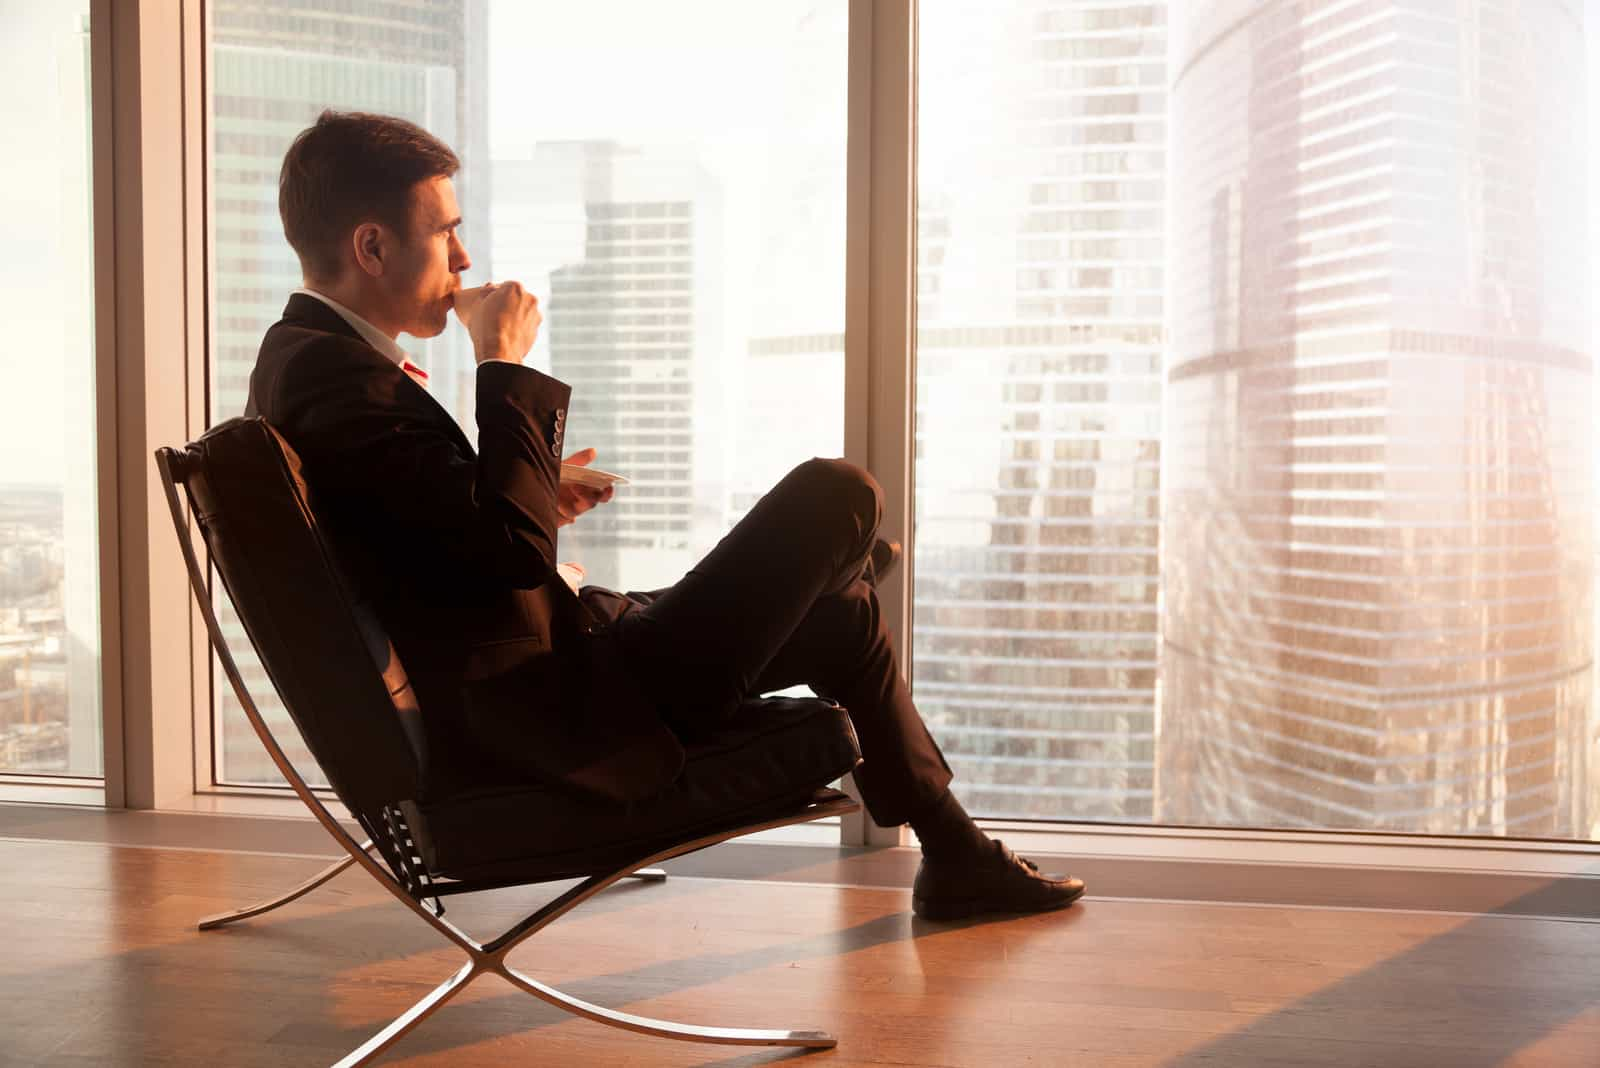 Vue latérale du bel homme d'affaires assis dans une chaise de bureau confortable, appréciant une tasse de café